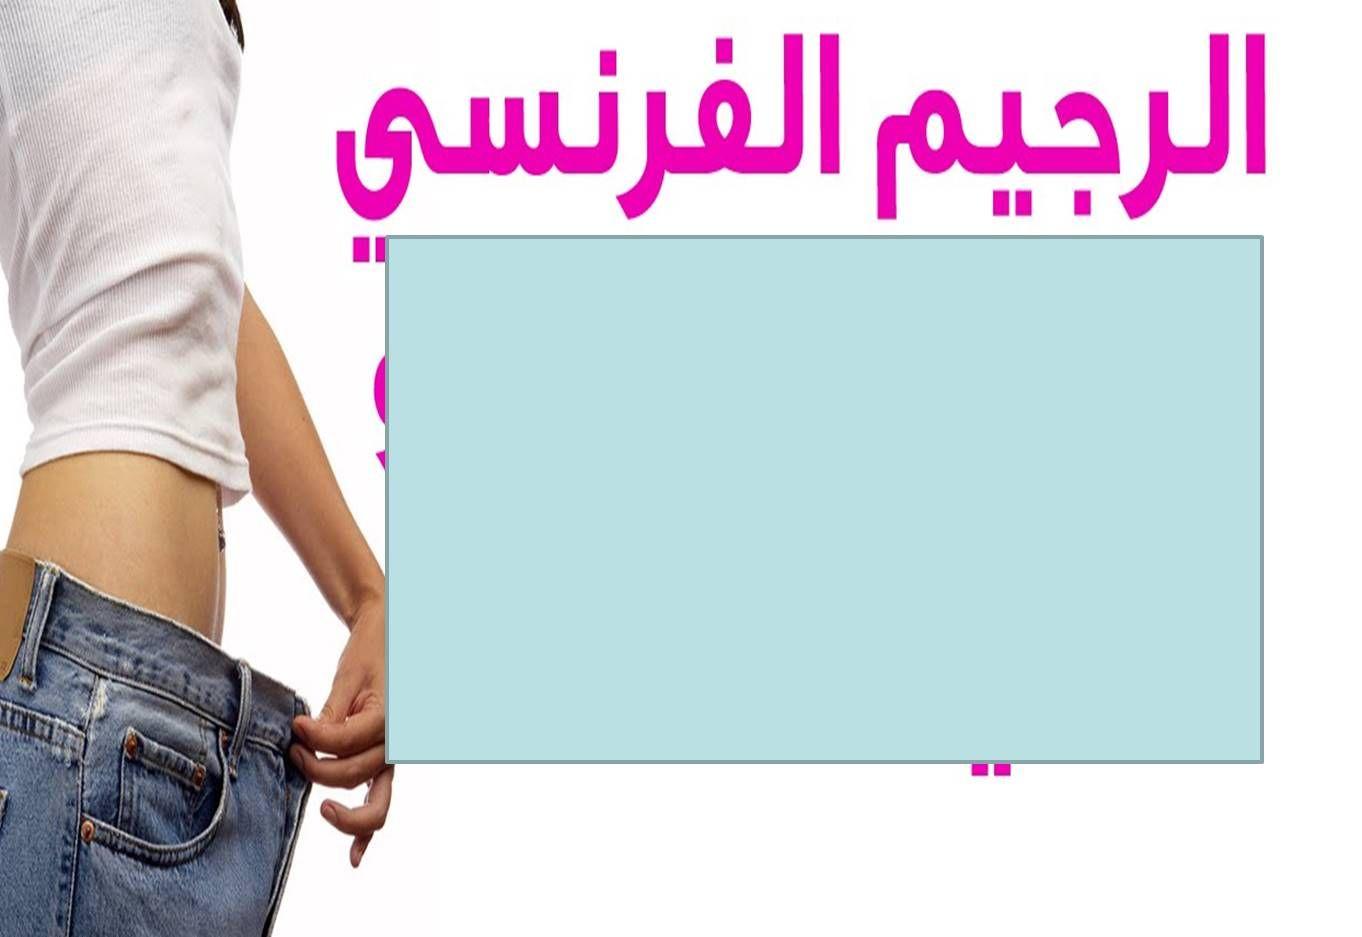 برنامج الرجيم الفرنسي الصحي المميز للتنحيف Ouai Shopping Diet